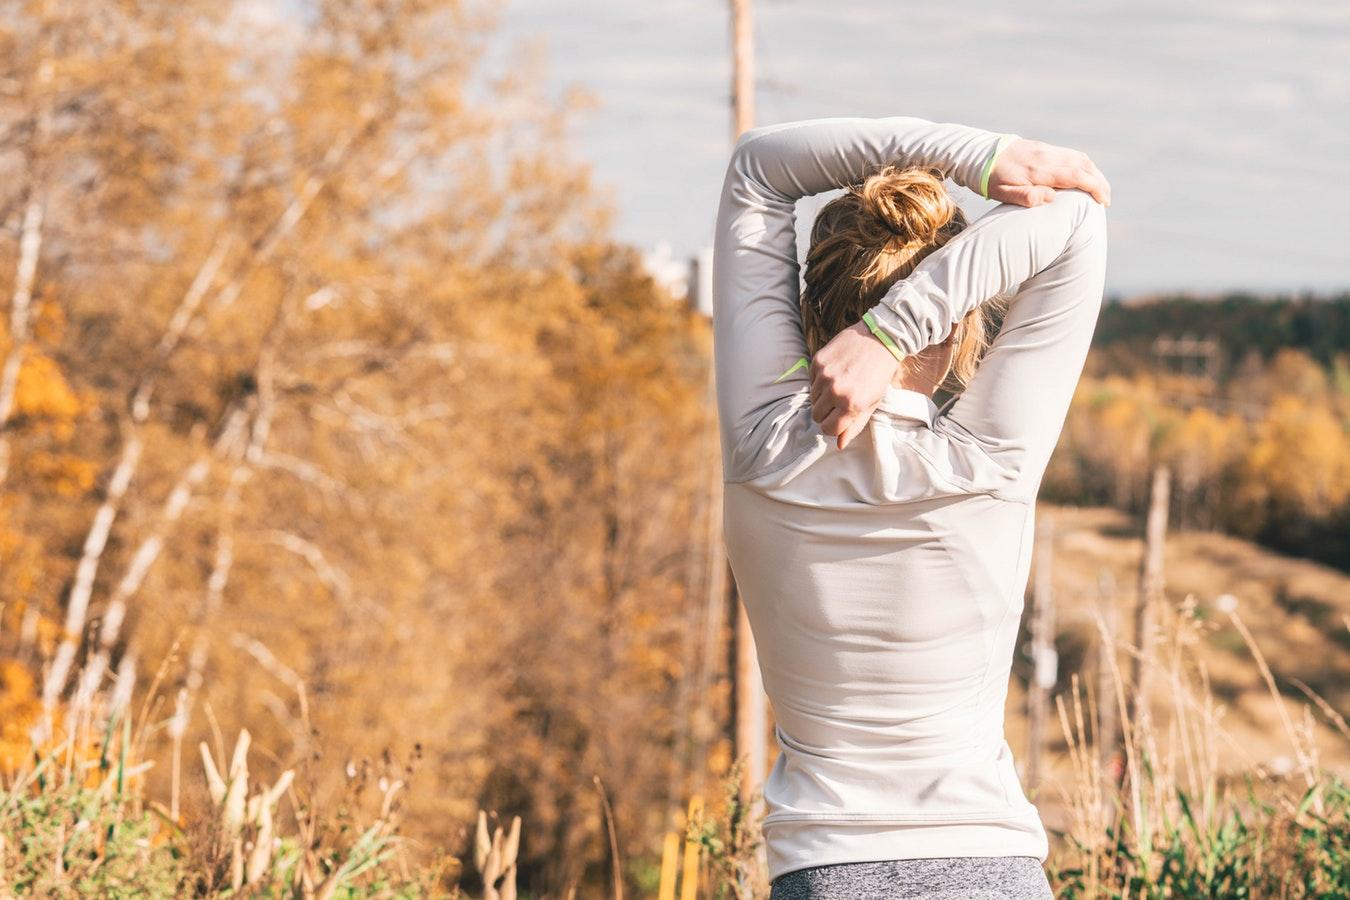 Yoga solidario para la campaña de Arcadia